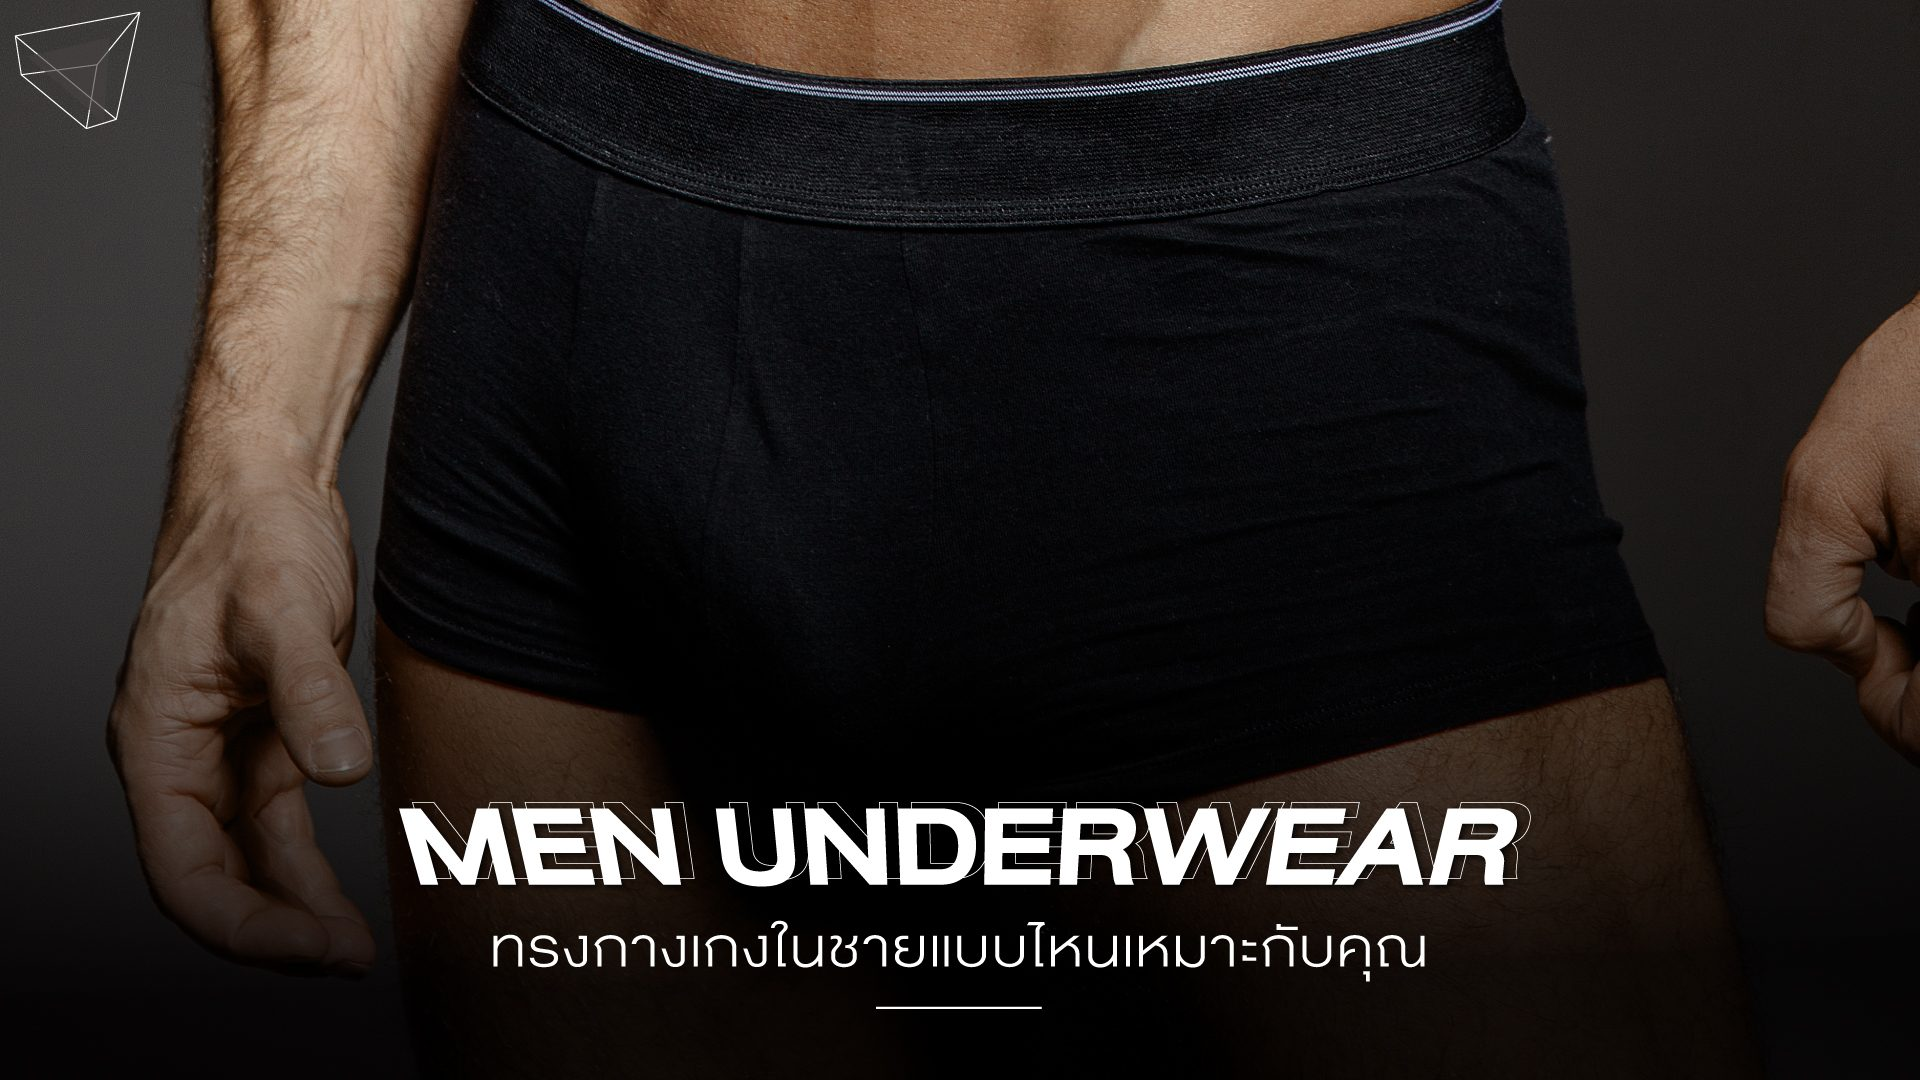 วิธีเลือกกางเกงในชาย